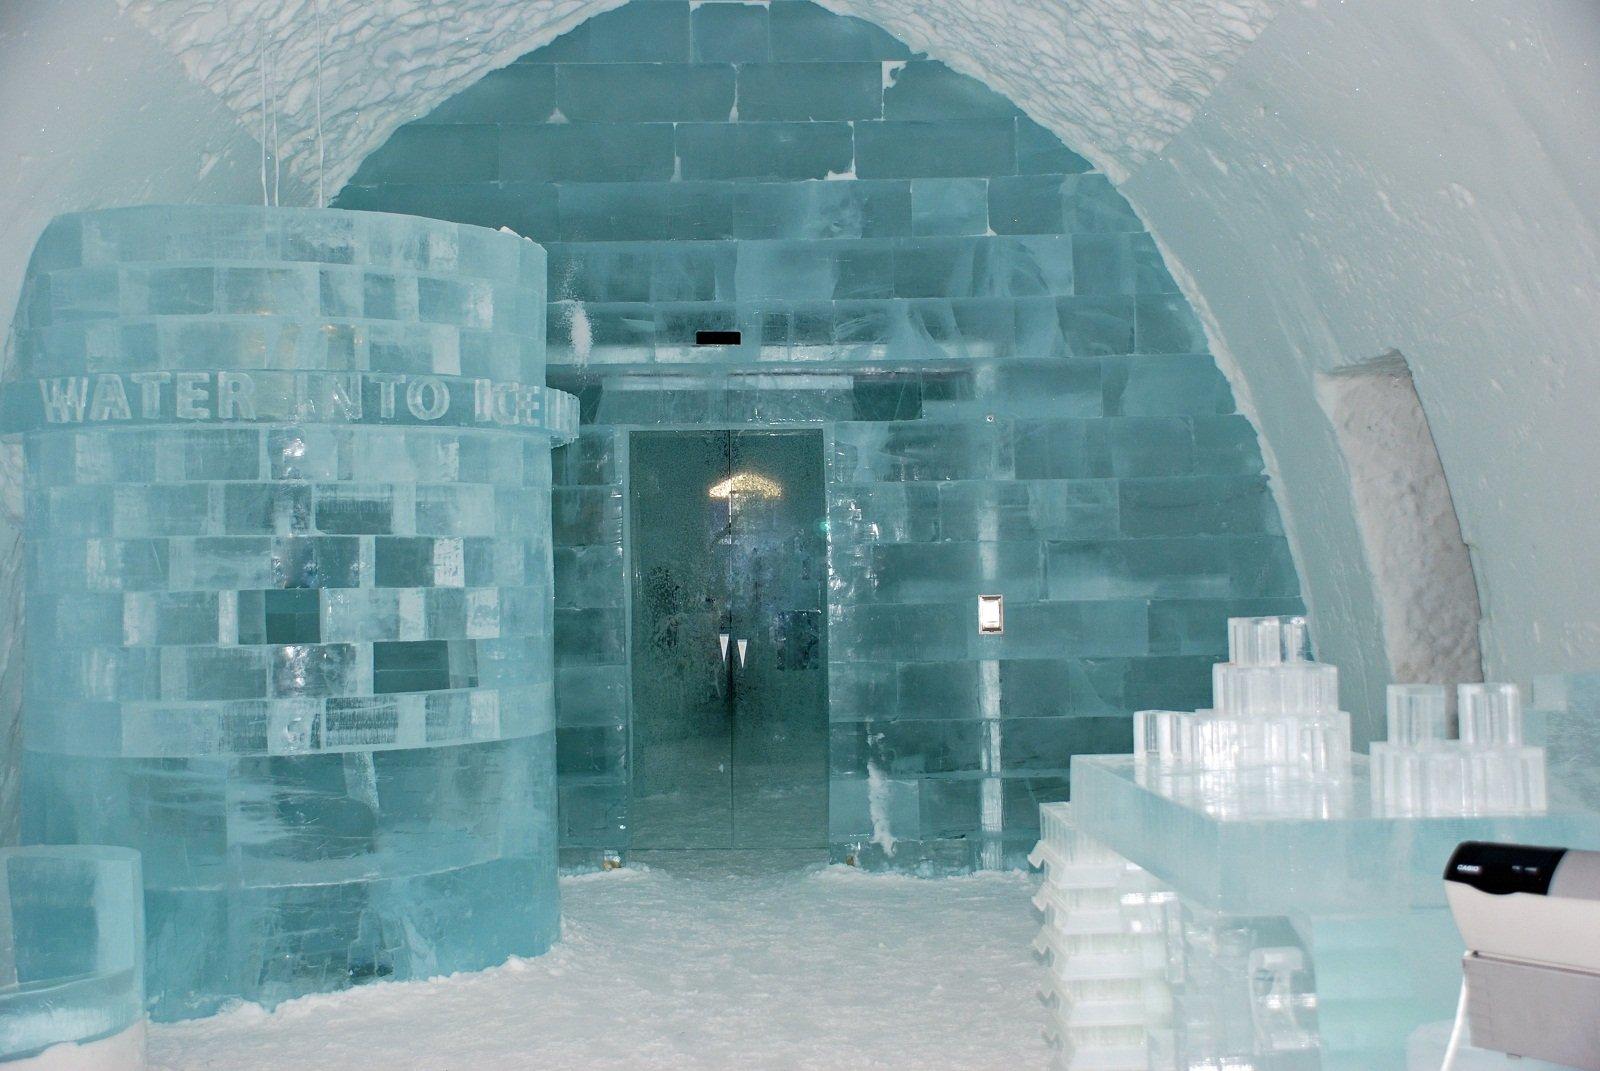 Chiêm ngưỡng khách sạn băng độc đáo giá hơn 200 triệu/ đêm 12